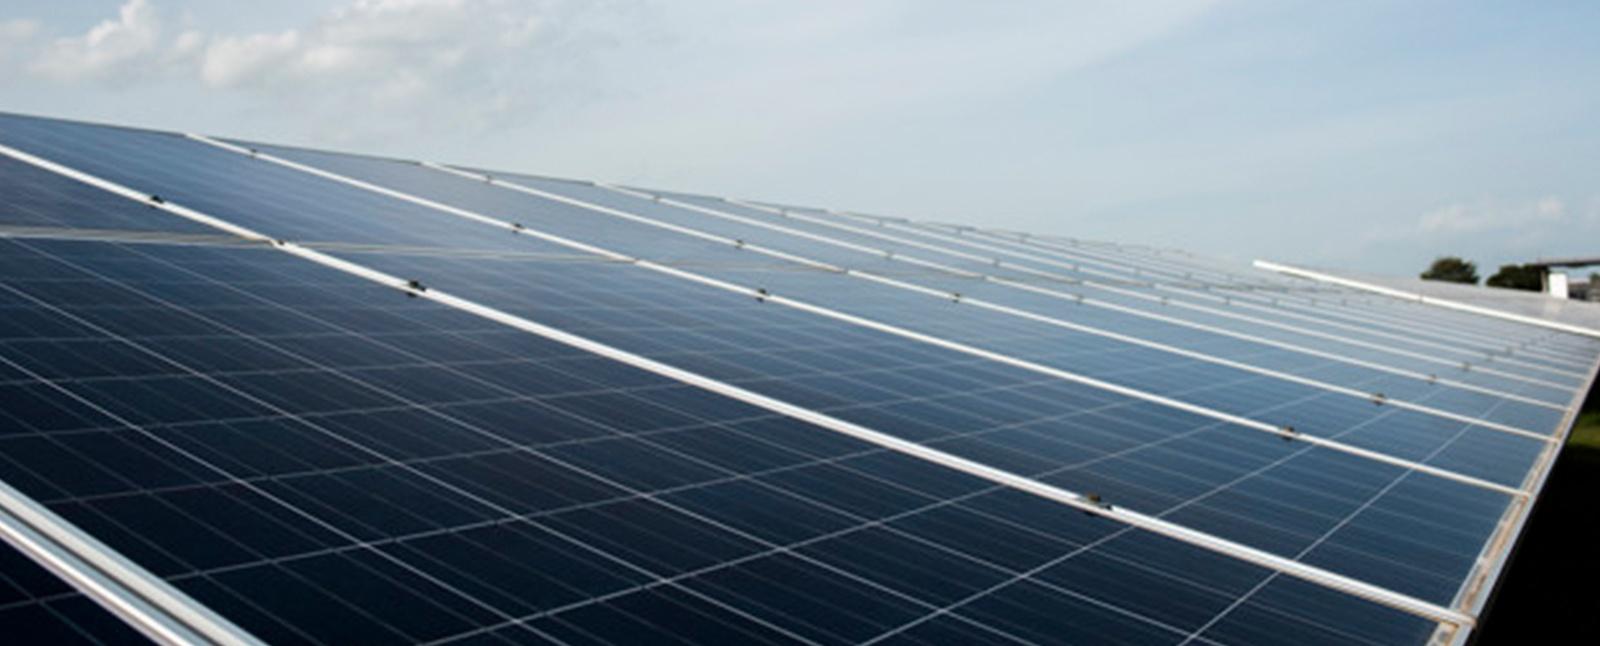 1 KW Solar Panel Price in India